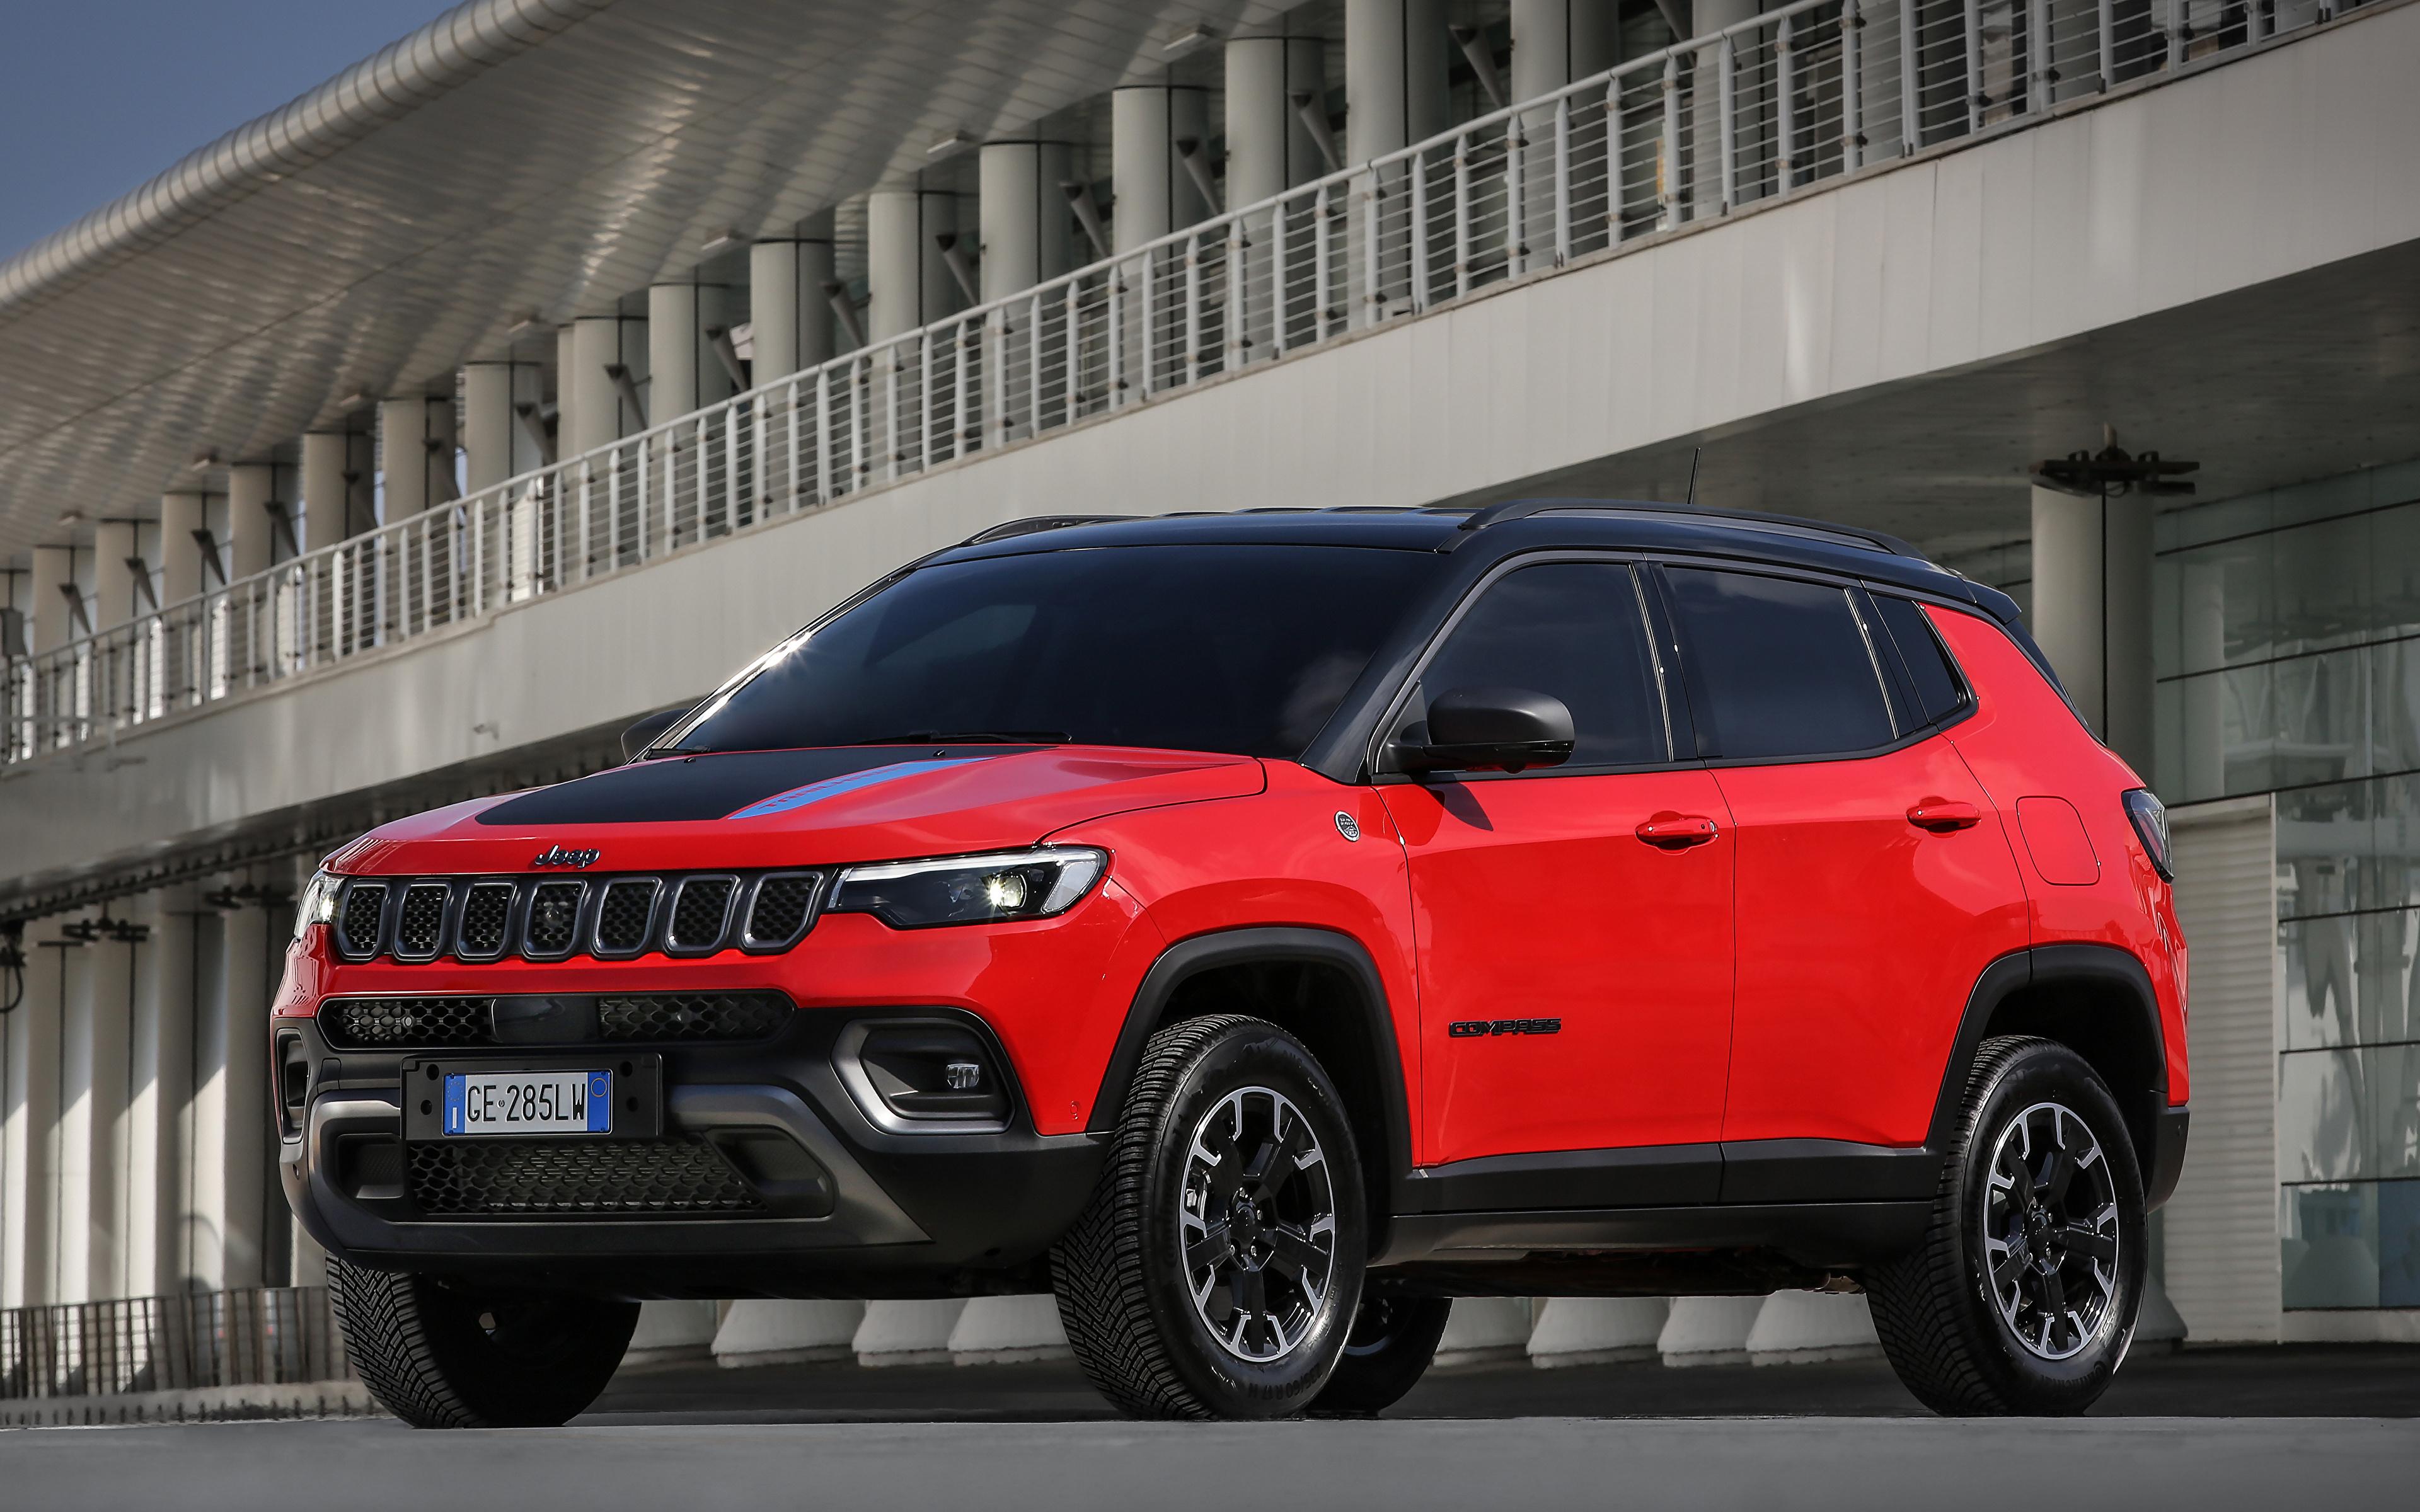 Фотографии Джип Compass Trailhawk 4xe, EU-spec, (MP), 2021 красные машина Металлик 3840x2400 Jeep красная Красный красных авто машины Автомобили автомобиль